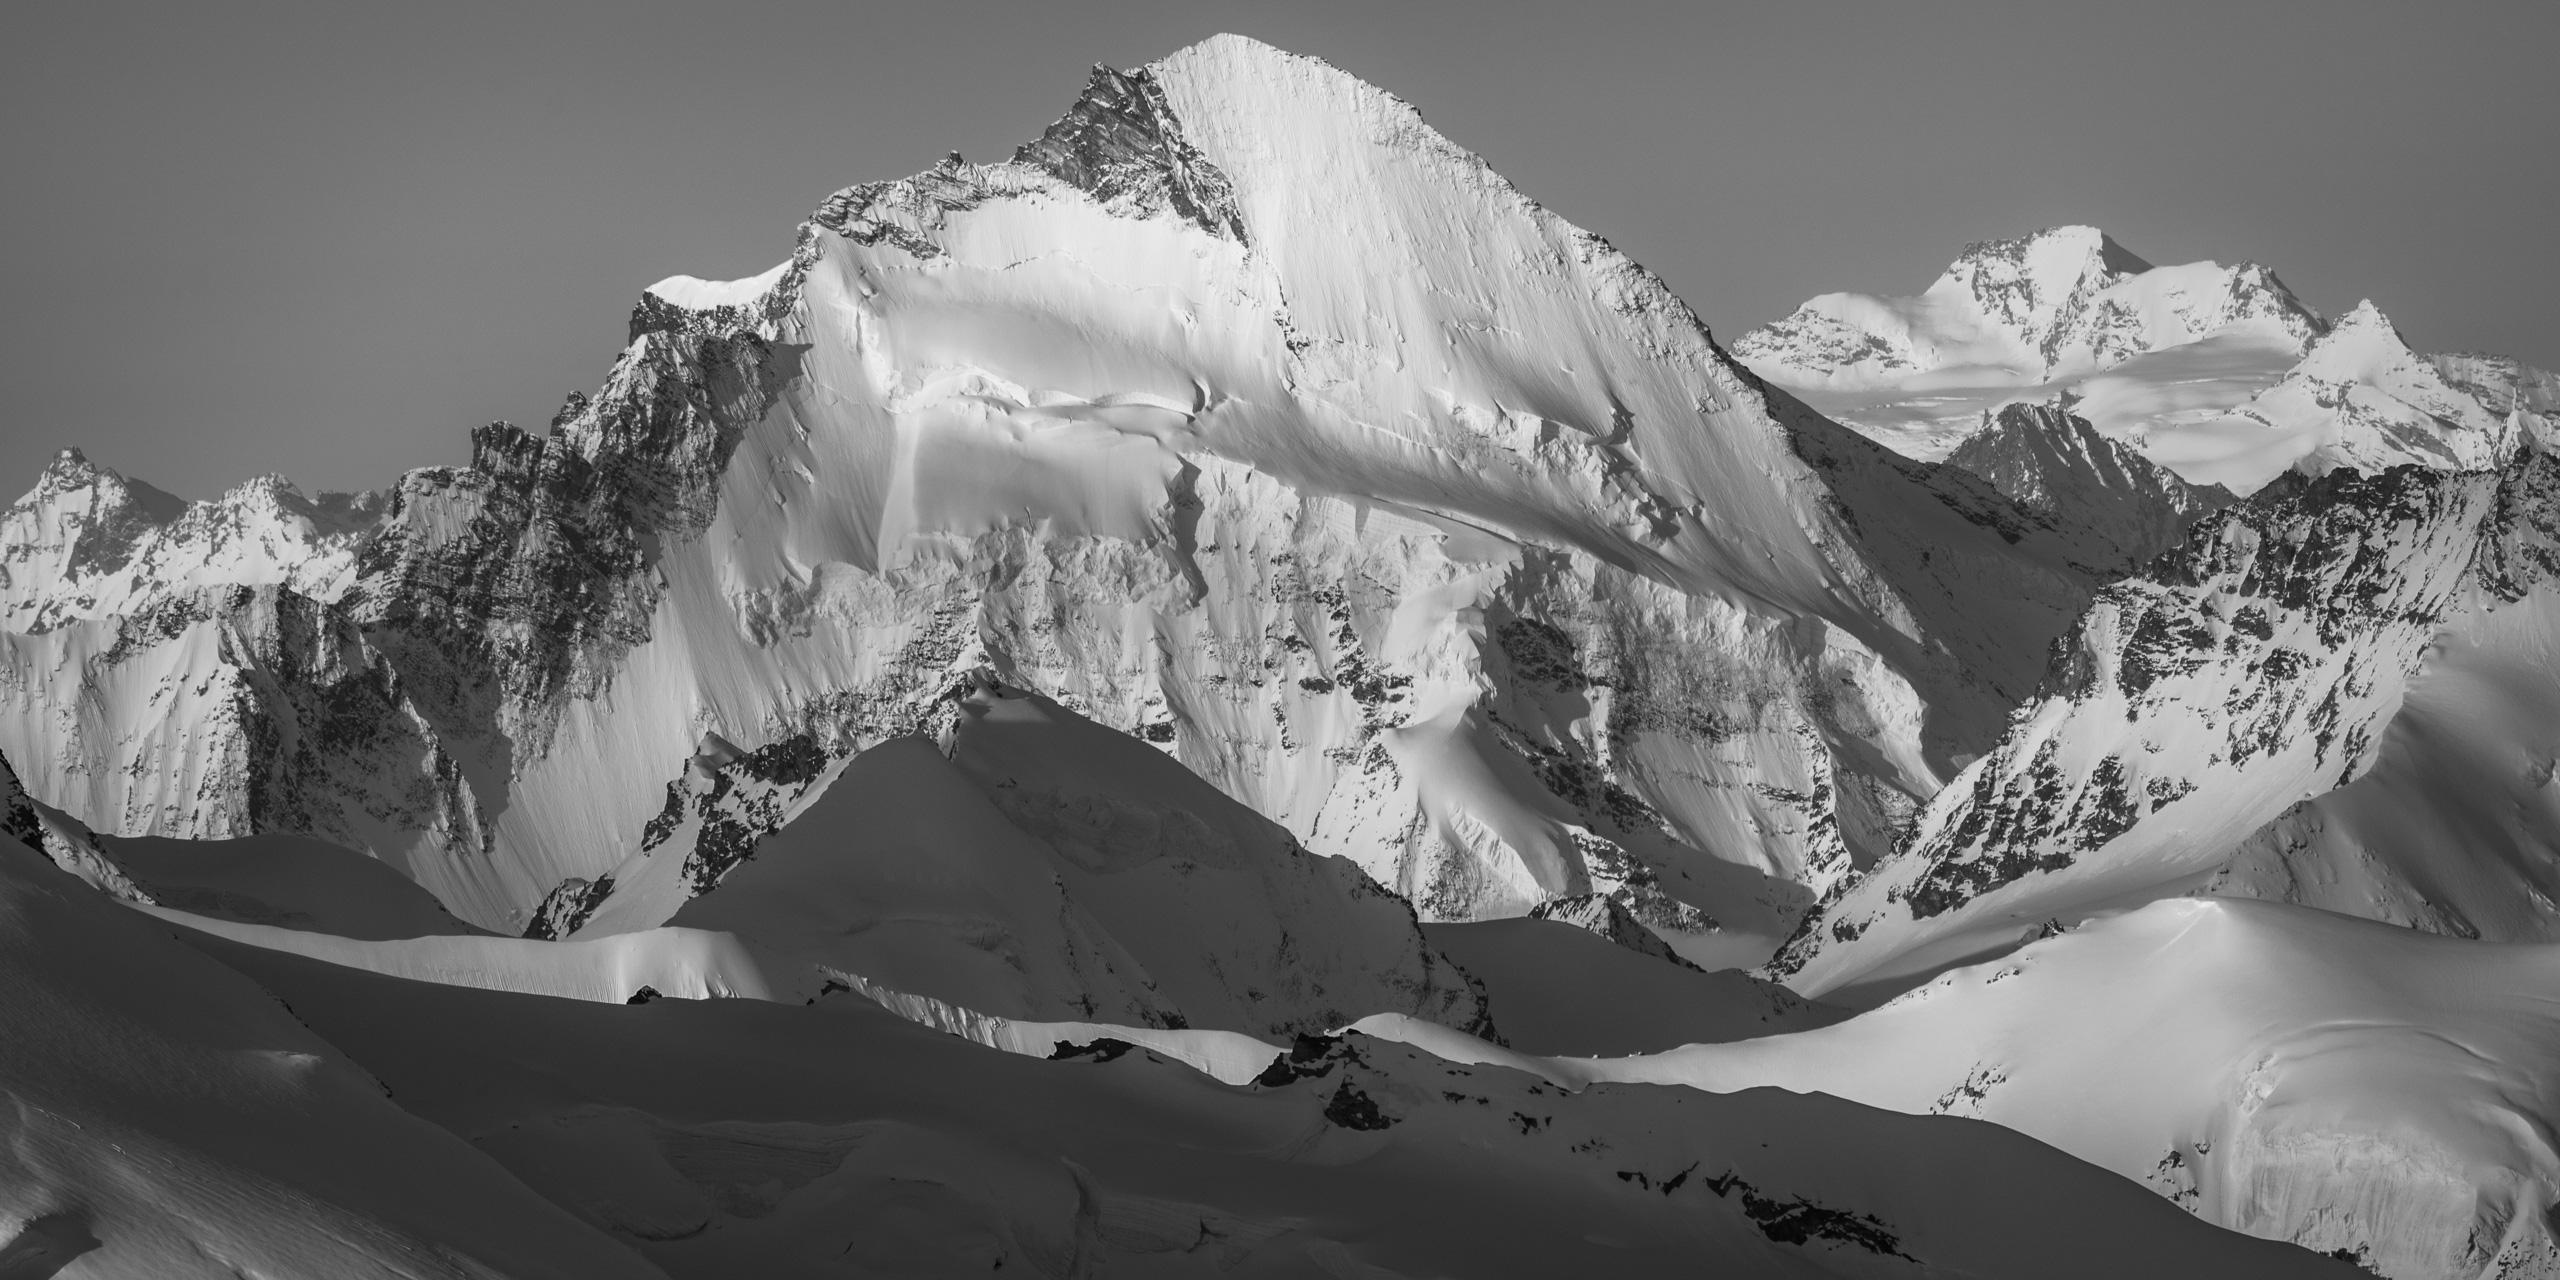 Dent D'Hérens - Mont Durand - Image de sommet de montagne enneigée dans les Alpes Suisse en hiver